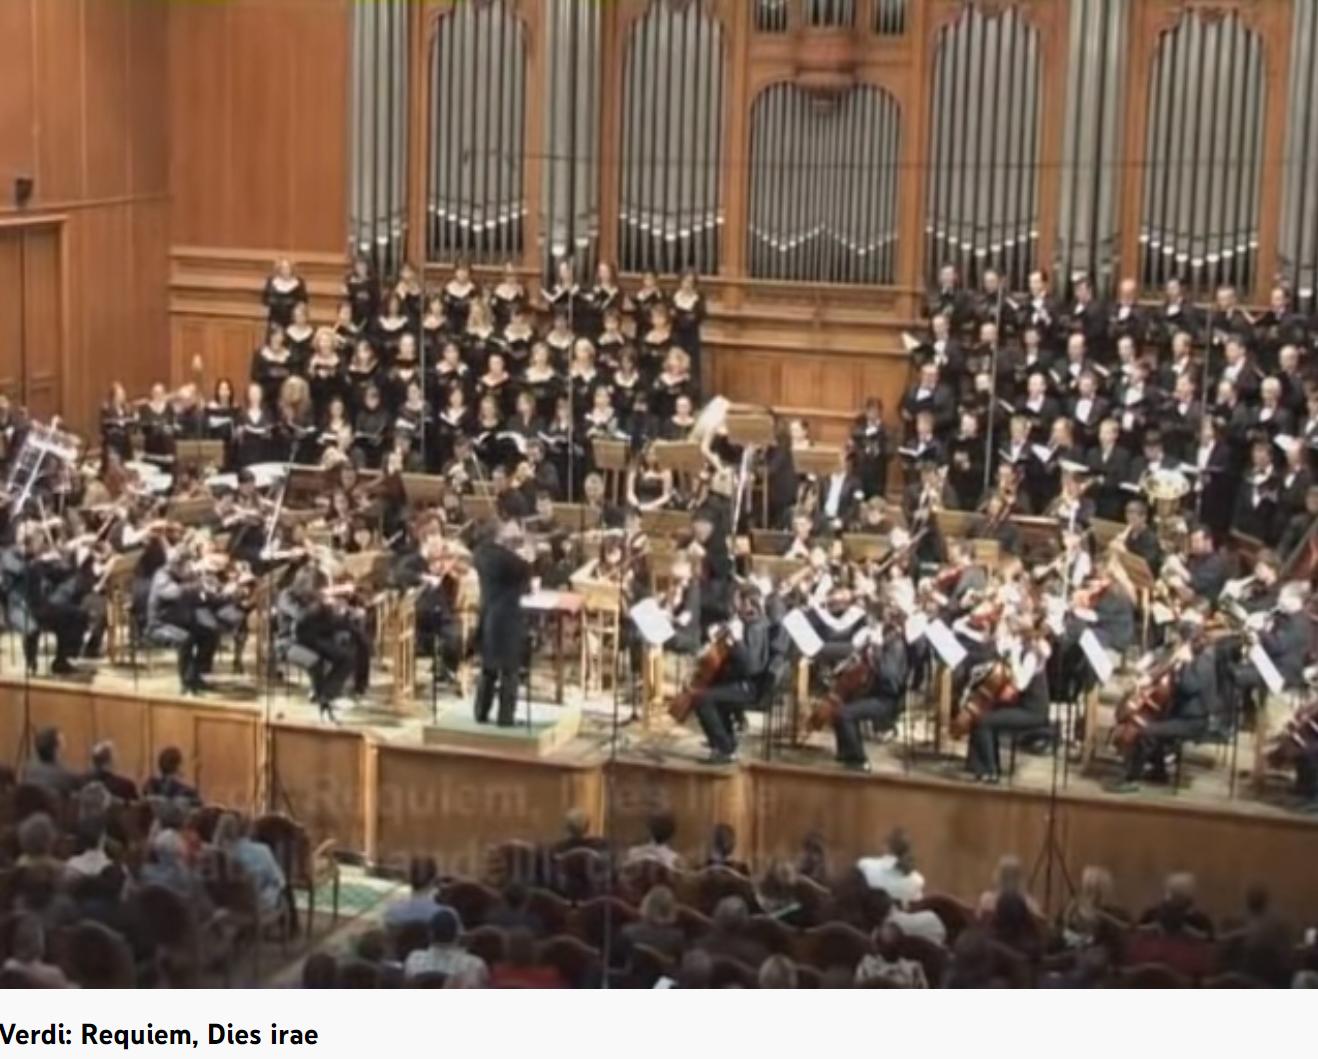 Verdi Requiem Dies Irae